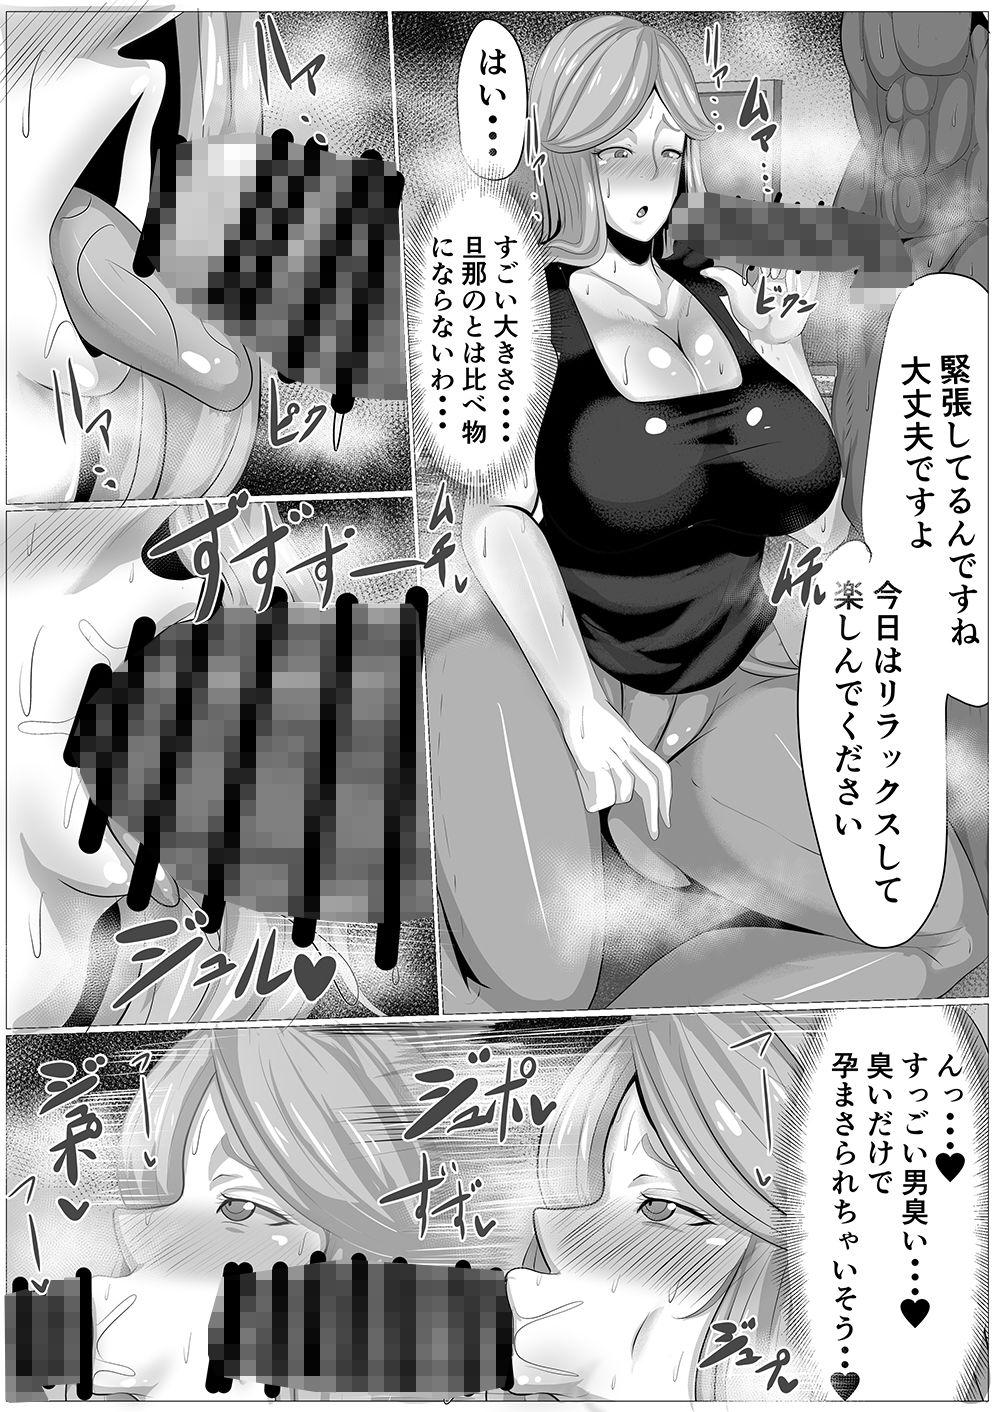 【エロ漫画無料大全集】日々淡白なセックスライフに欲求不満を抱える人妻たちの間にとある性的サービスが広まっていた…